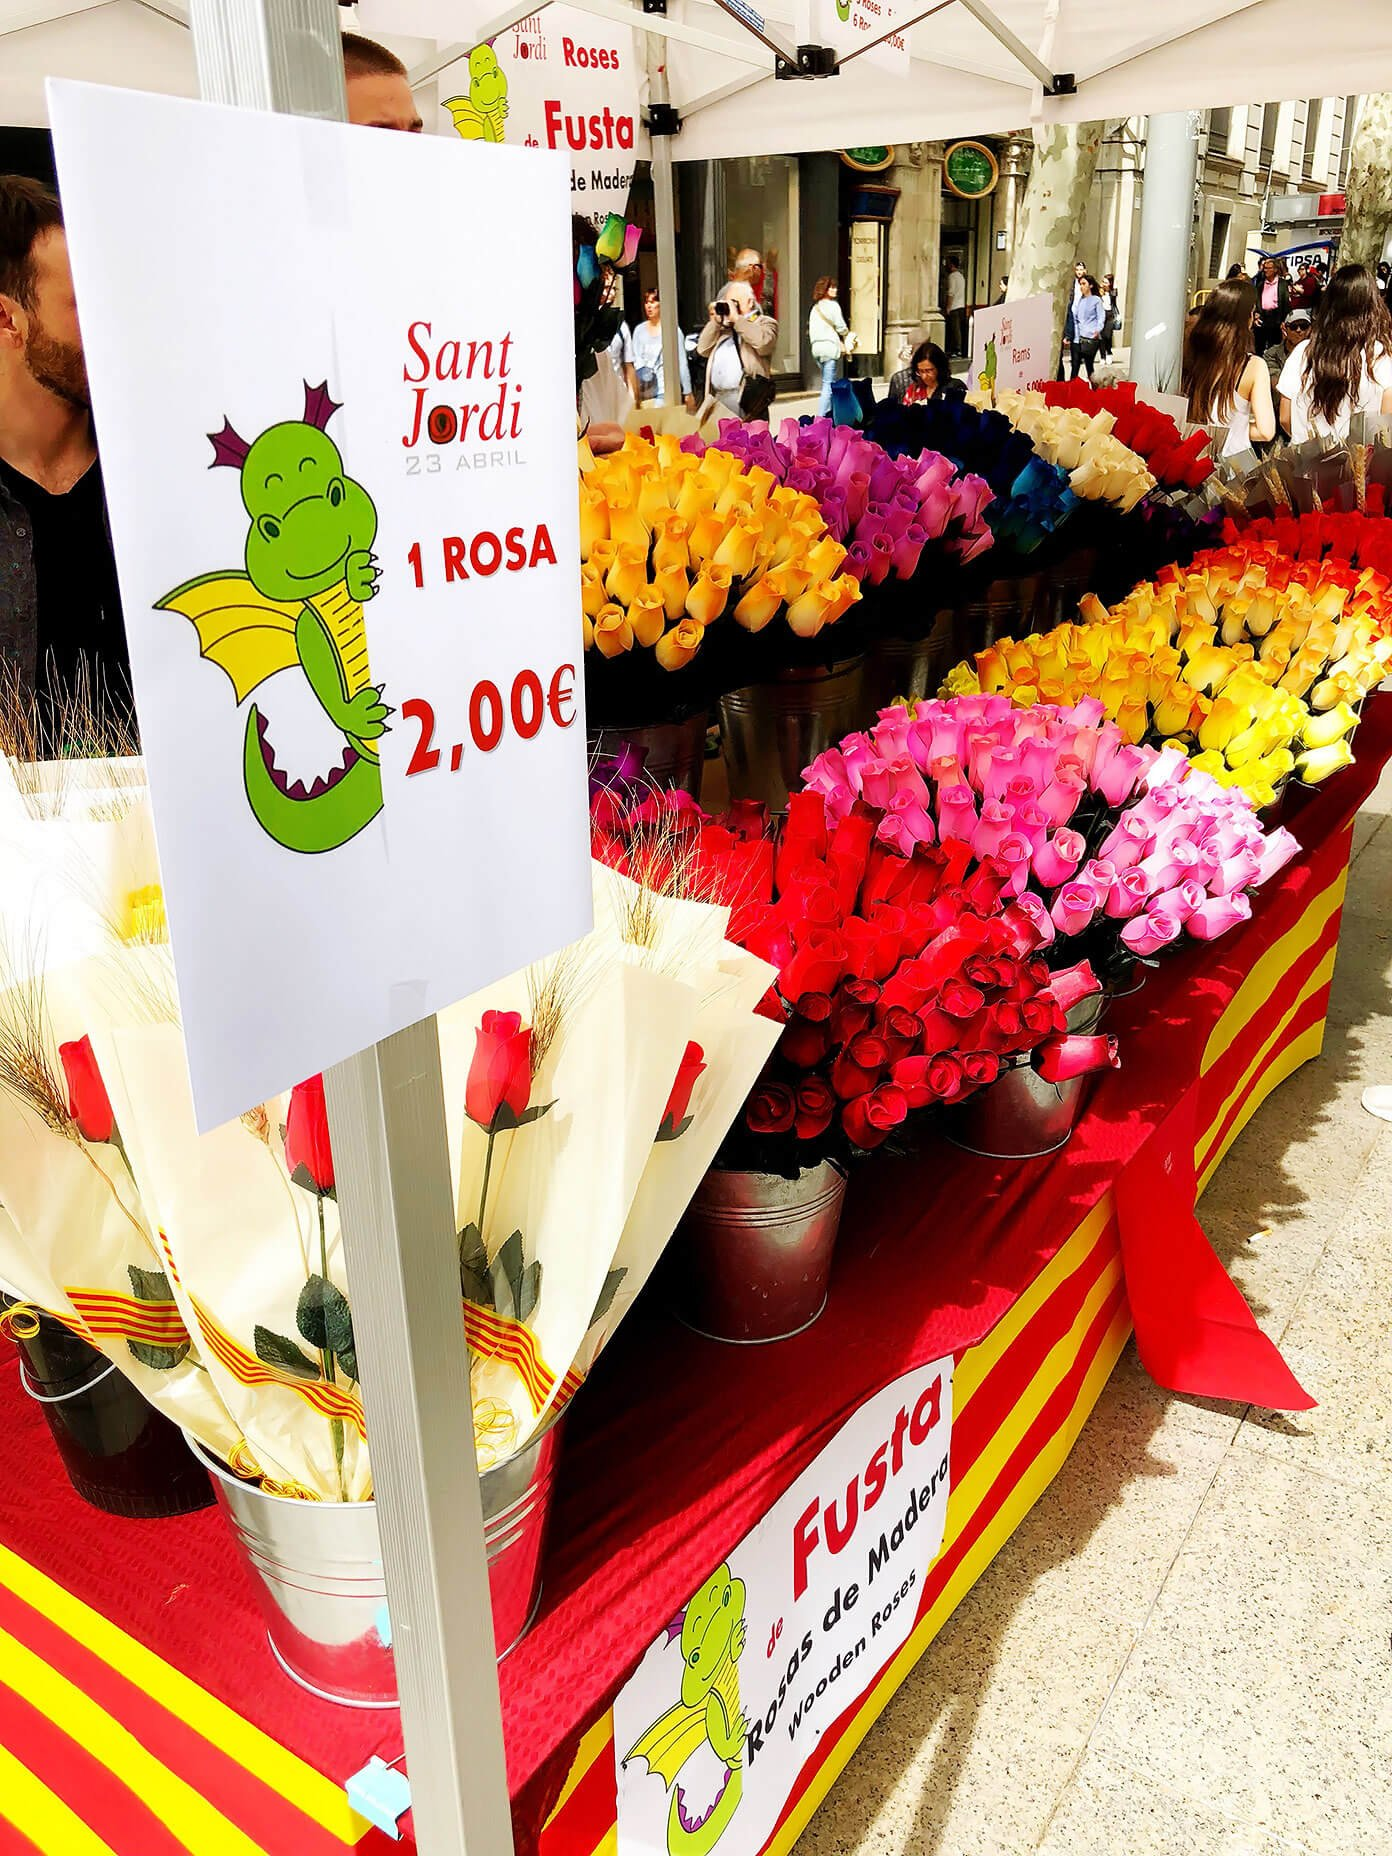 Roses for Sant Jordi in Barcelona